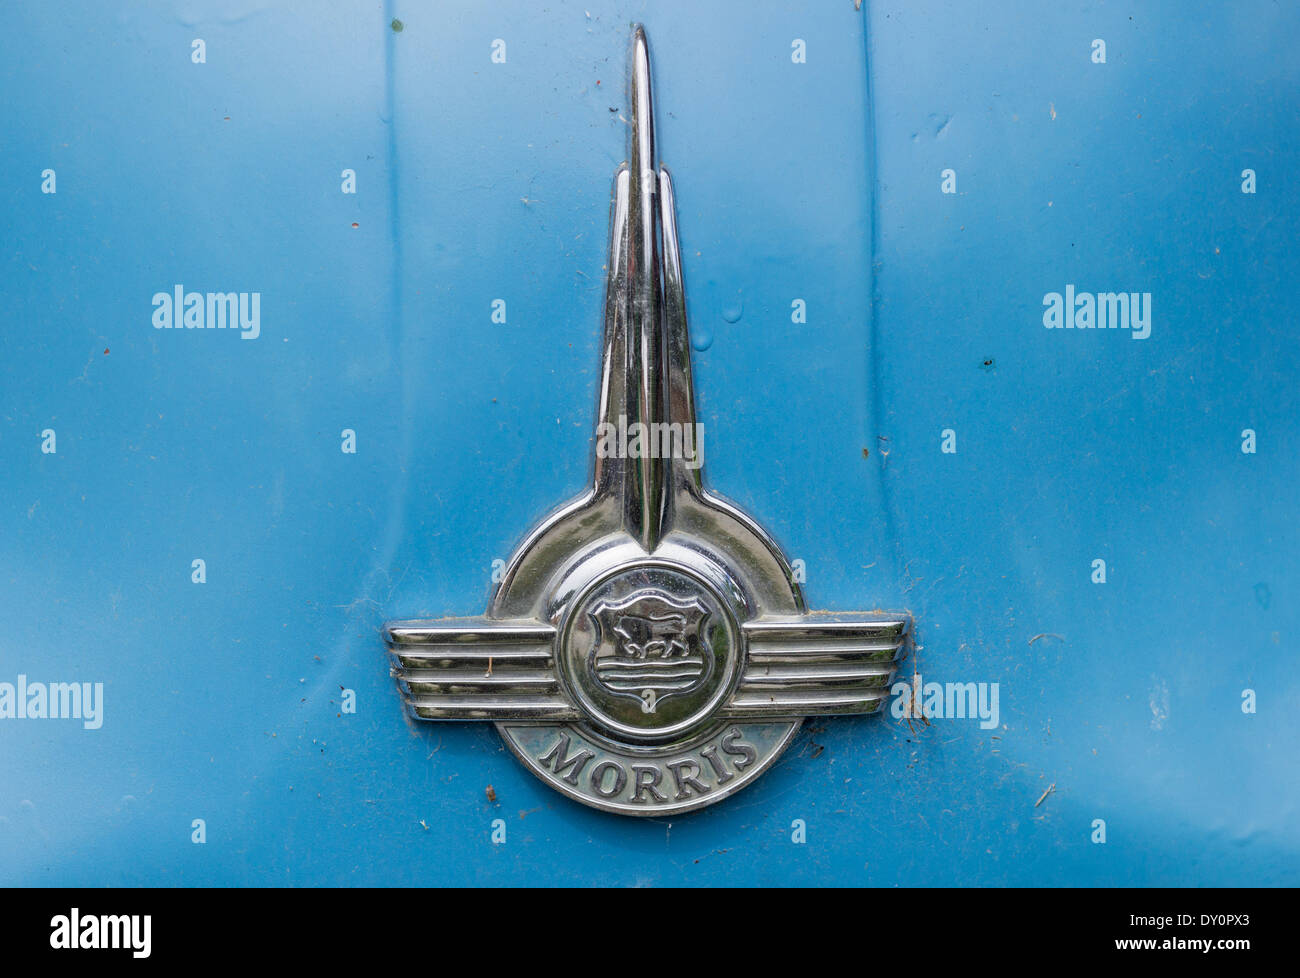 Vintage Classic Morris Bonnet Badge Badges & Mascots Car Badges